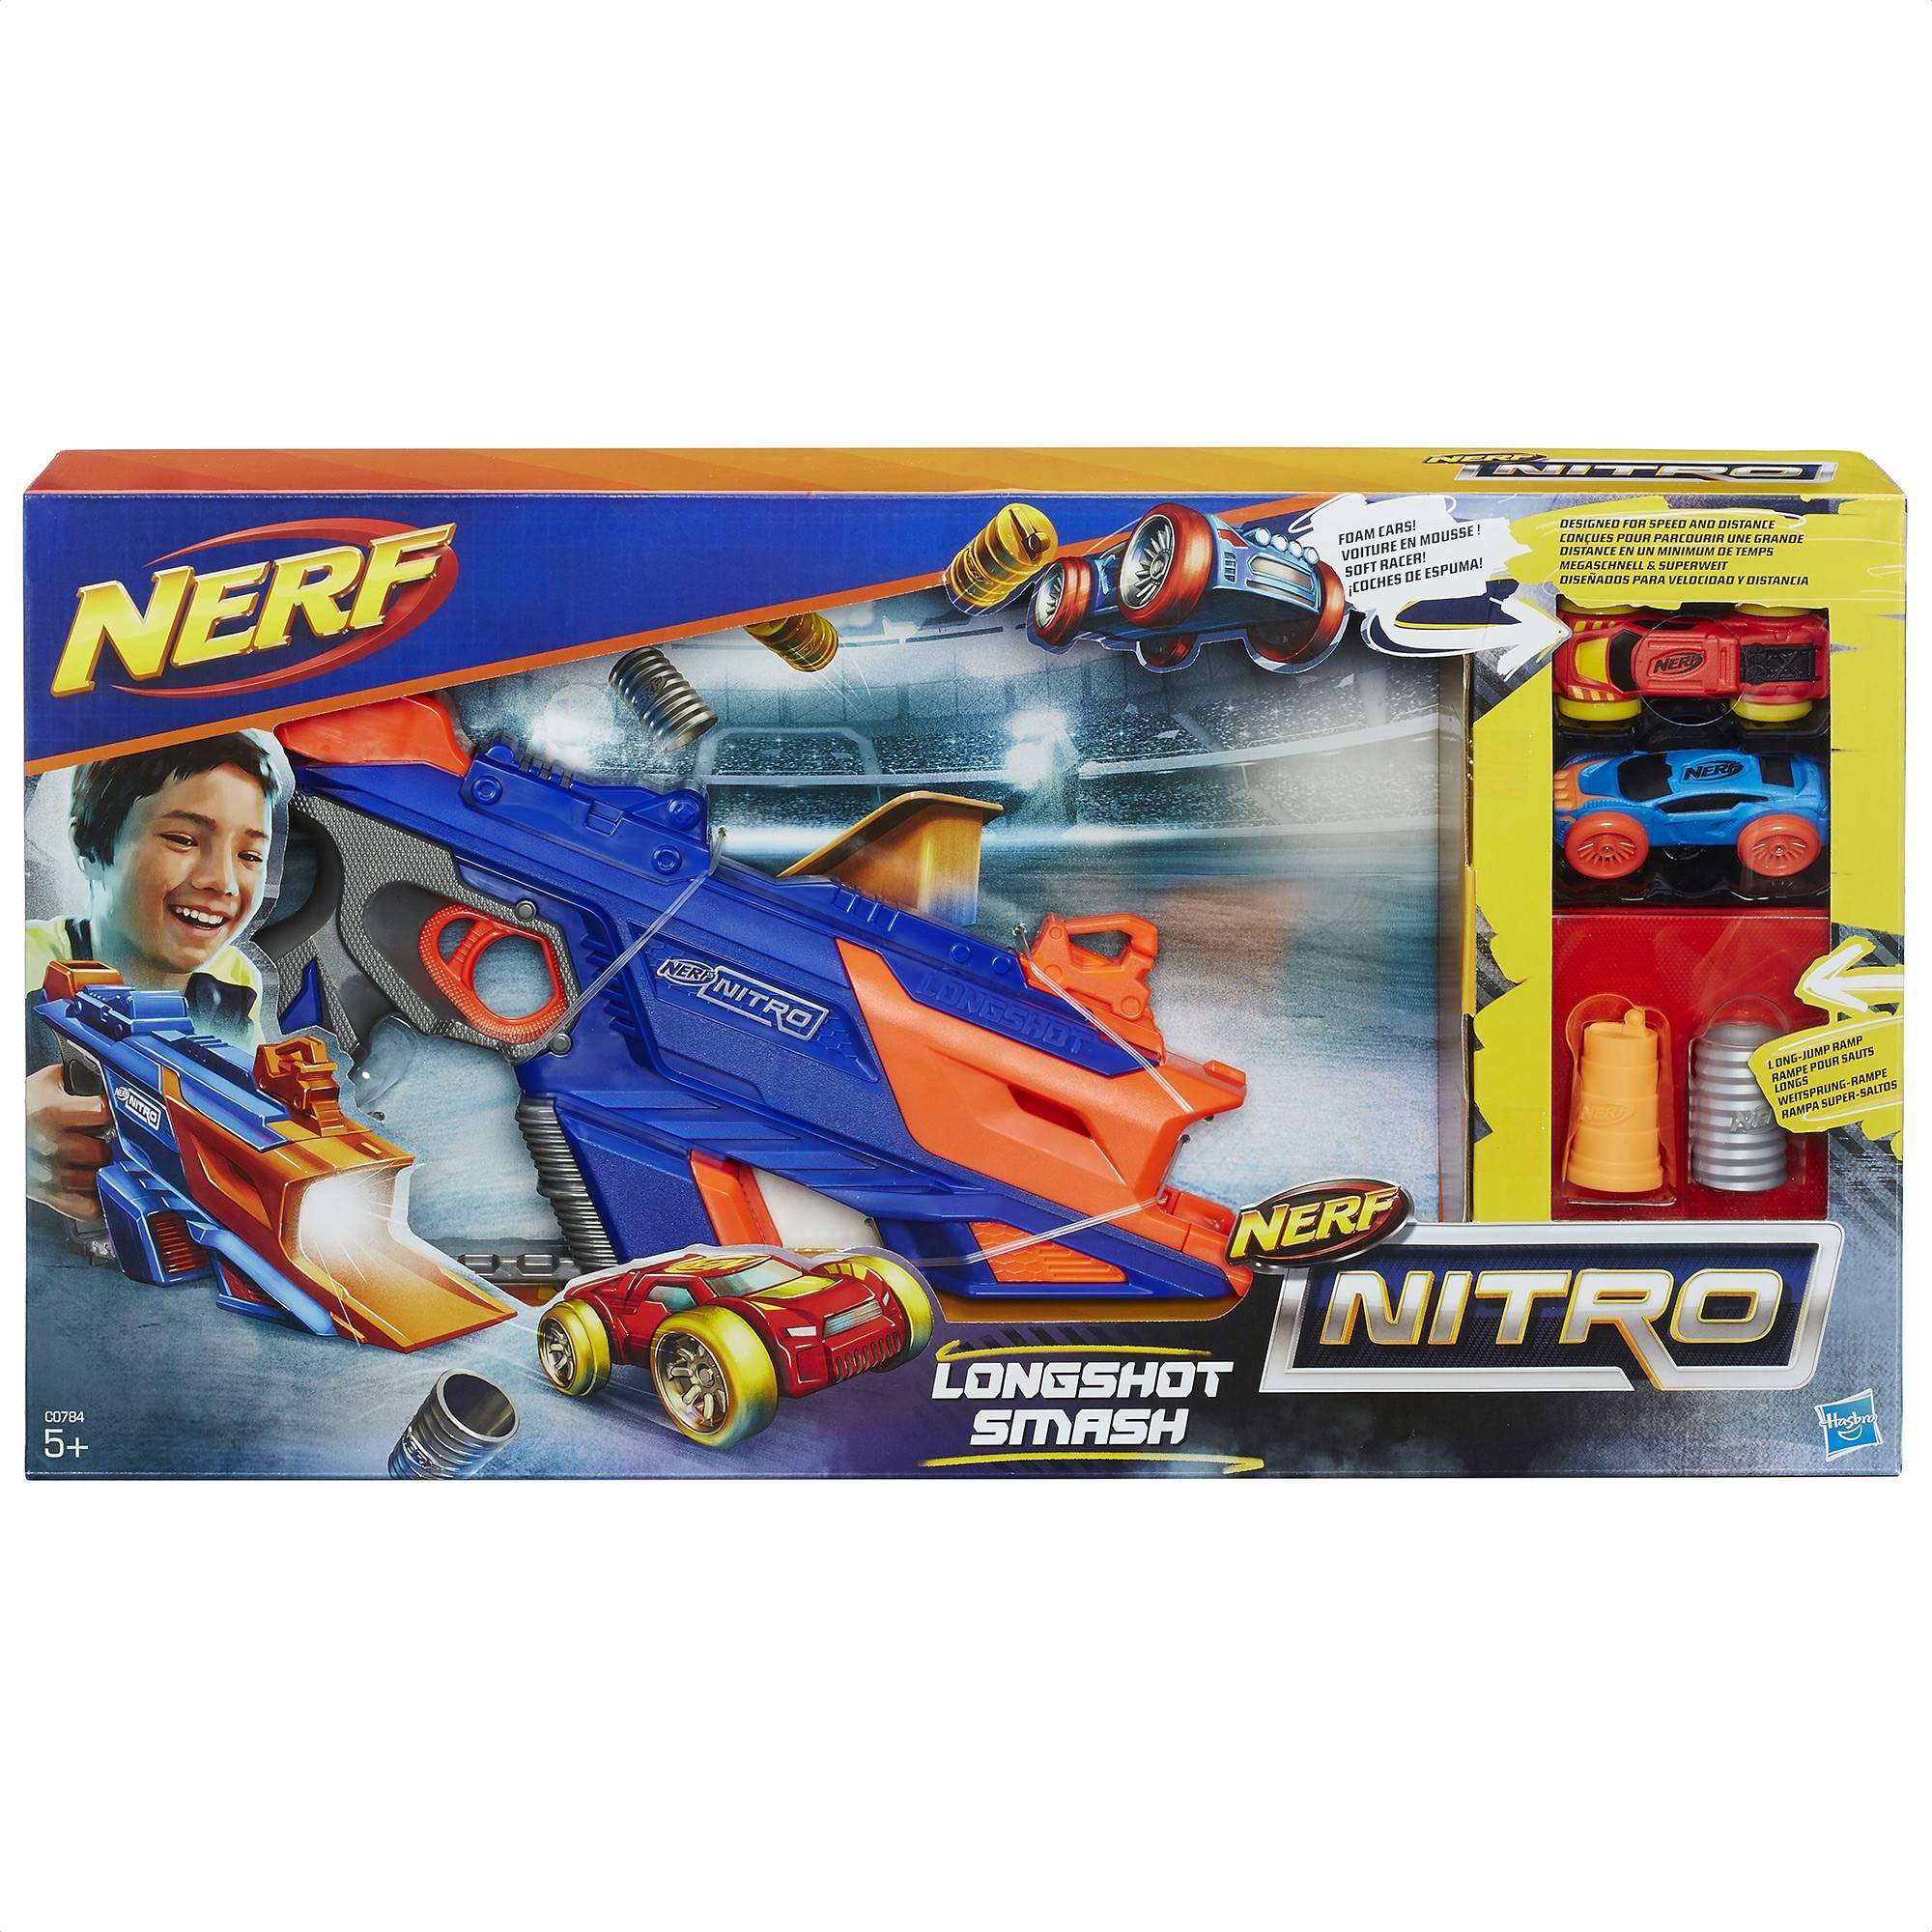 Nerf Nitro Longshot Mash